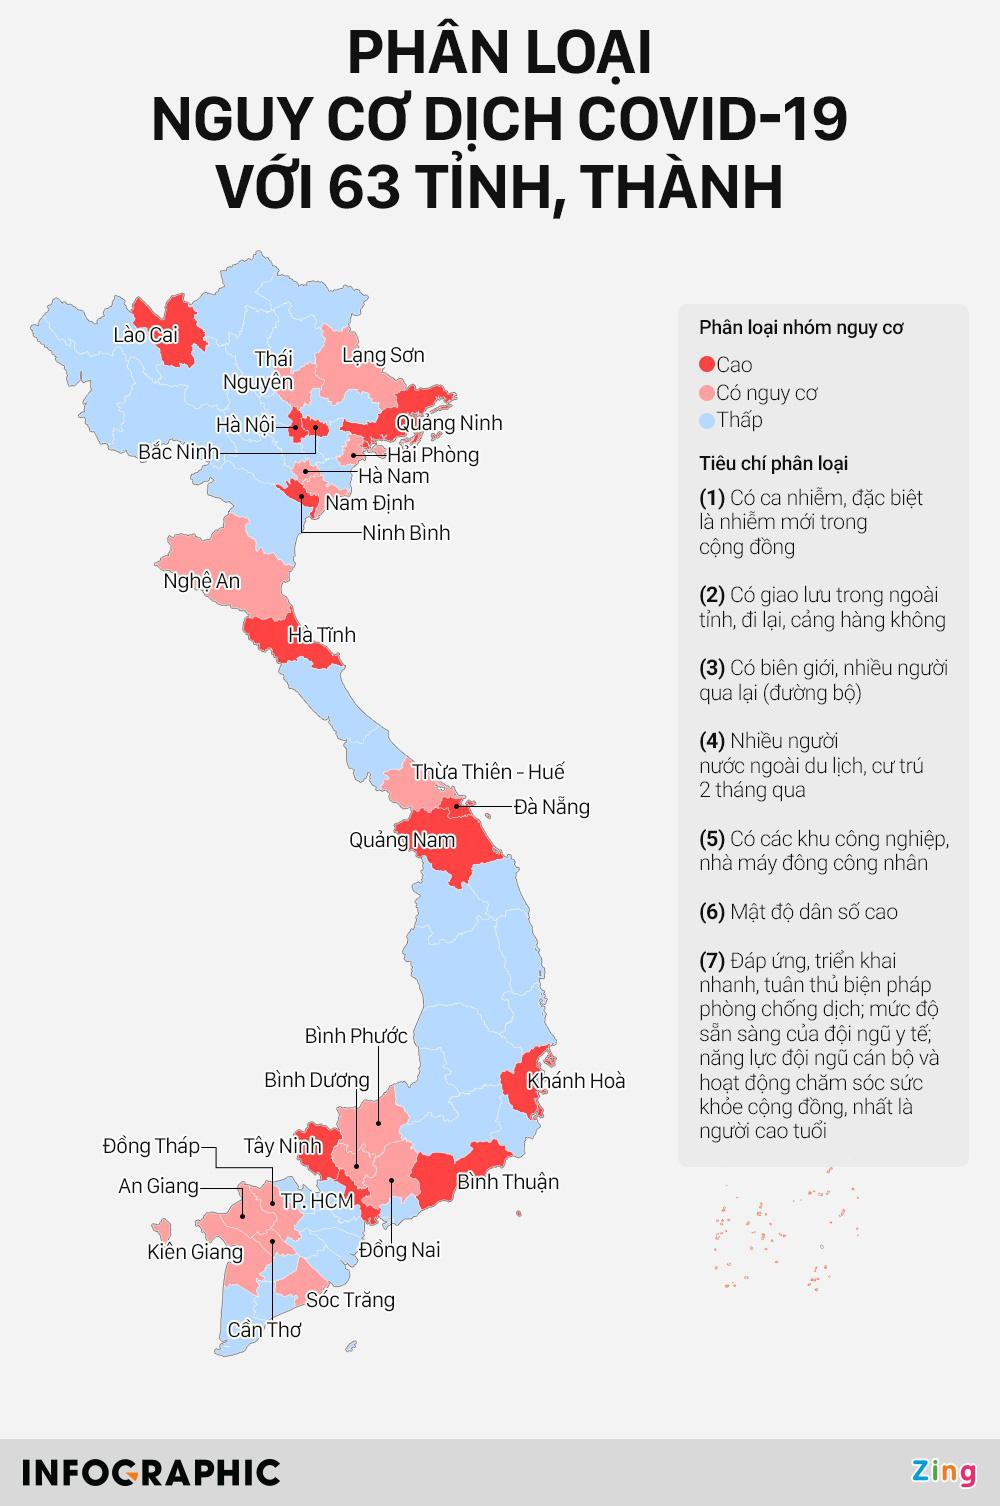 63 tỉnh, thành được phân loại nguy cơ dịch COVID-19 thế nào? - Ảnh 1.